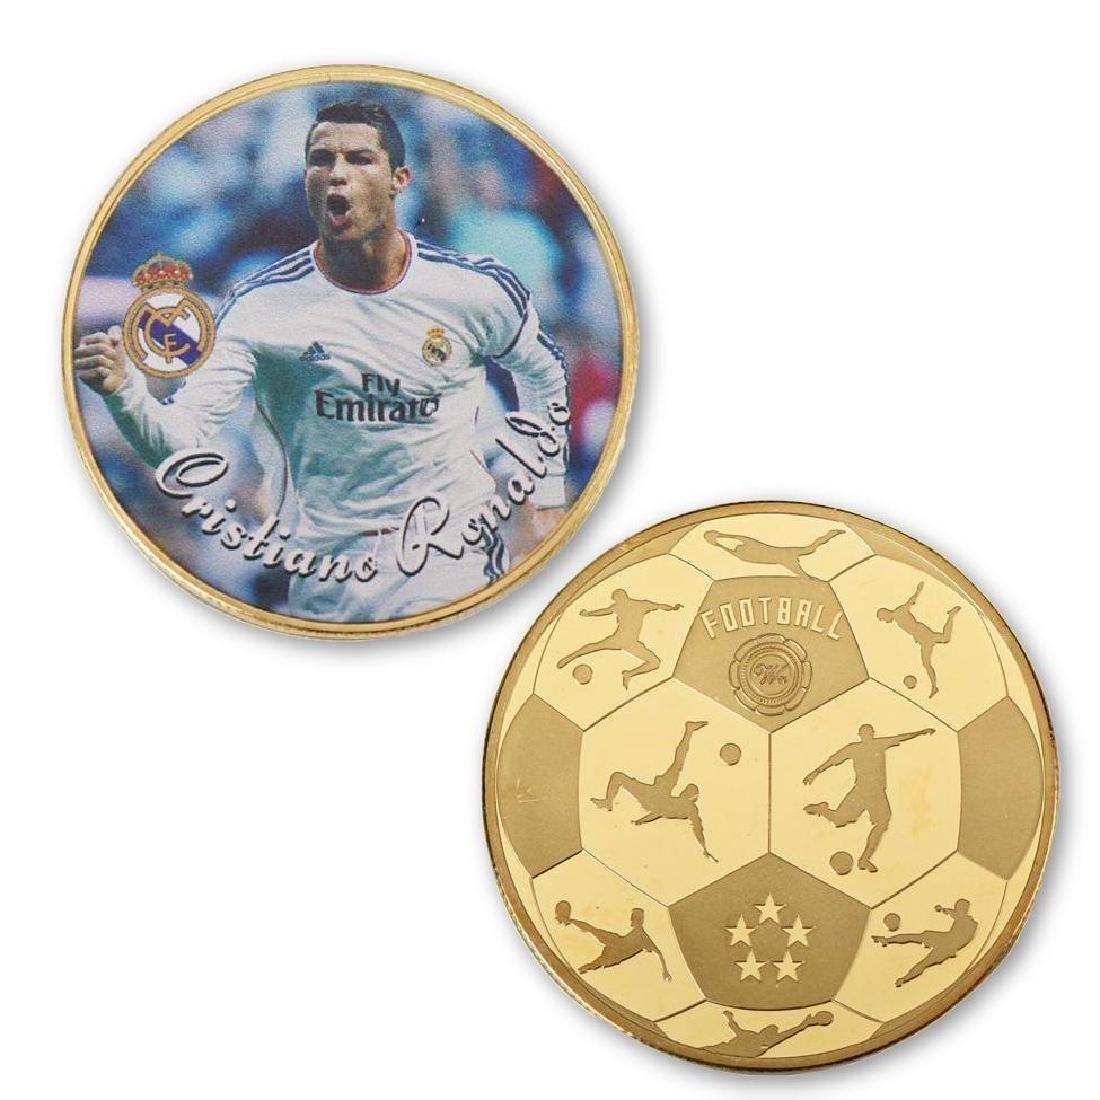 Cristiano Ronaldo 24K Gold Clad Collectible Coin